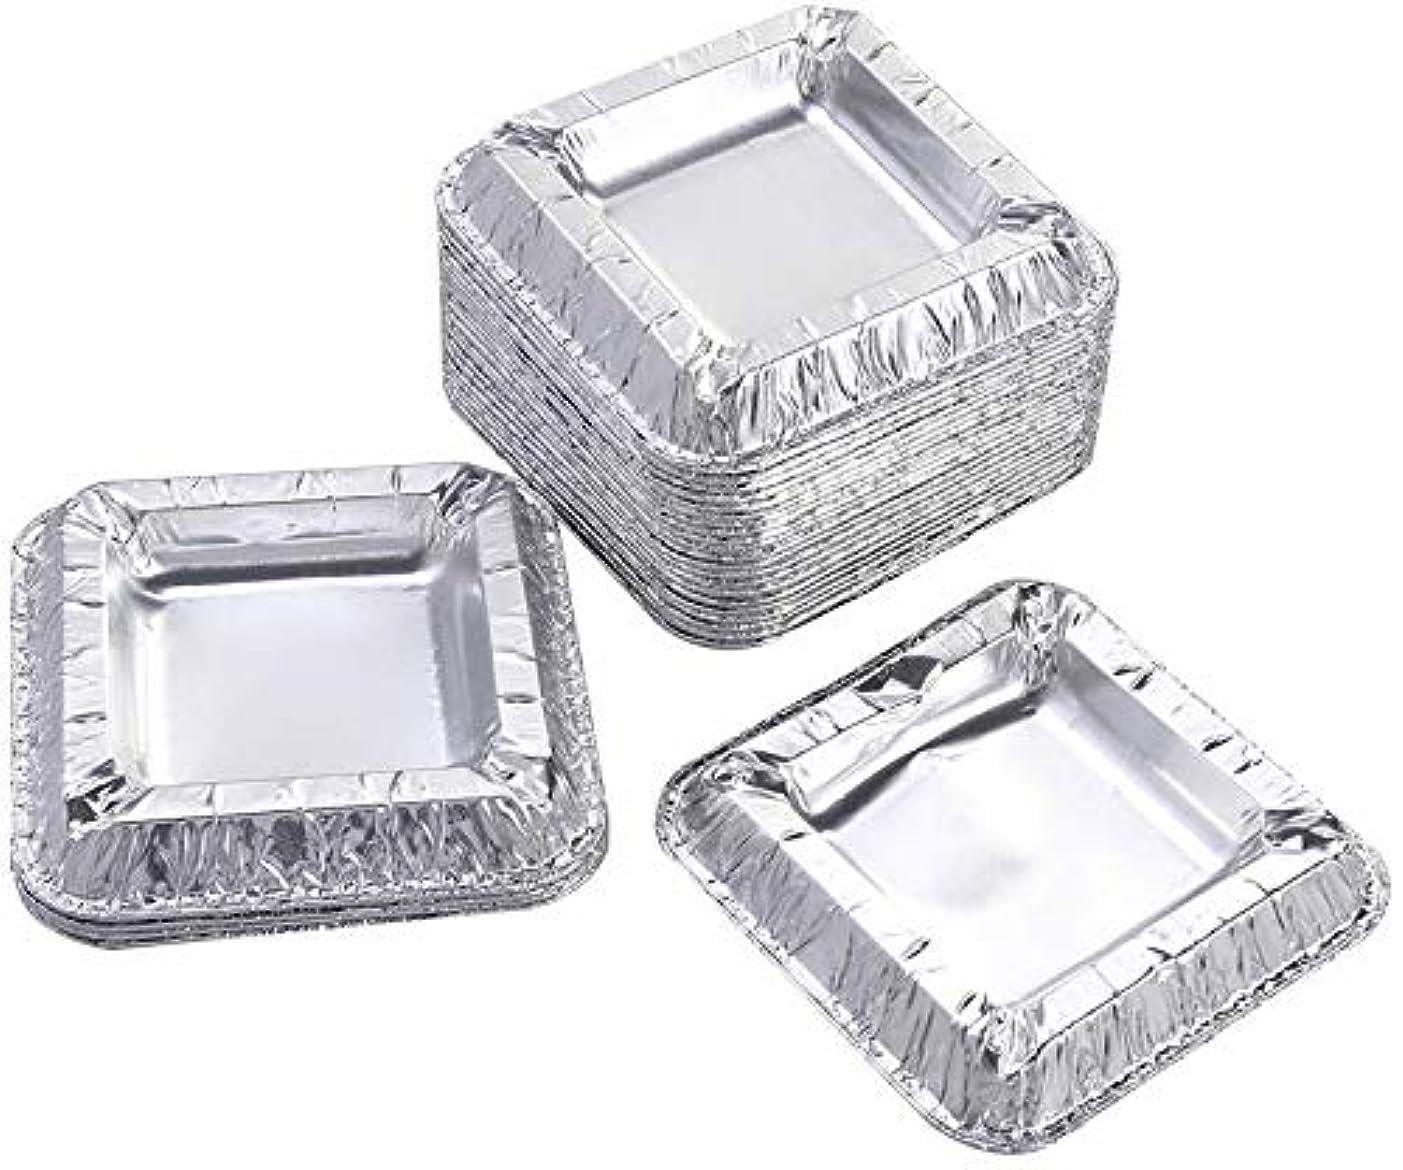 感謝シャット教会30個の正方形のアルミ箔灰皿アンブレイカブル使い捨てシガー灰皿